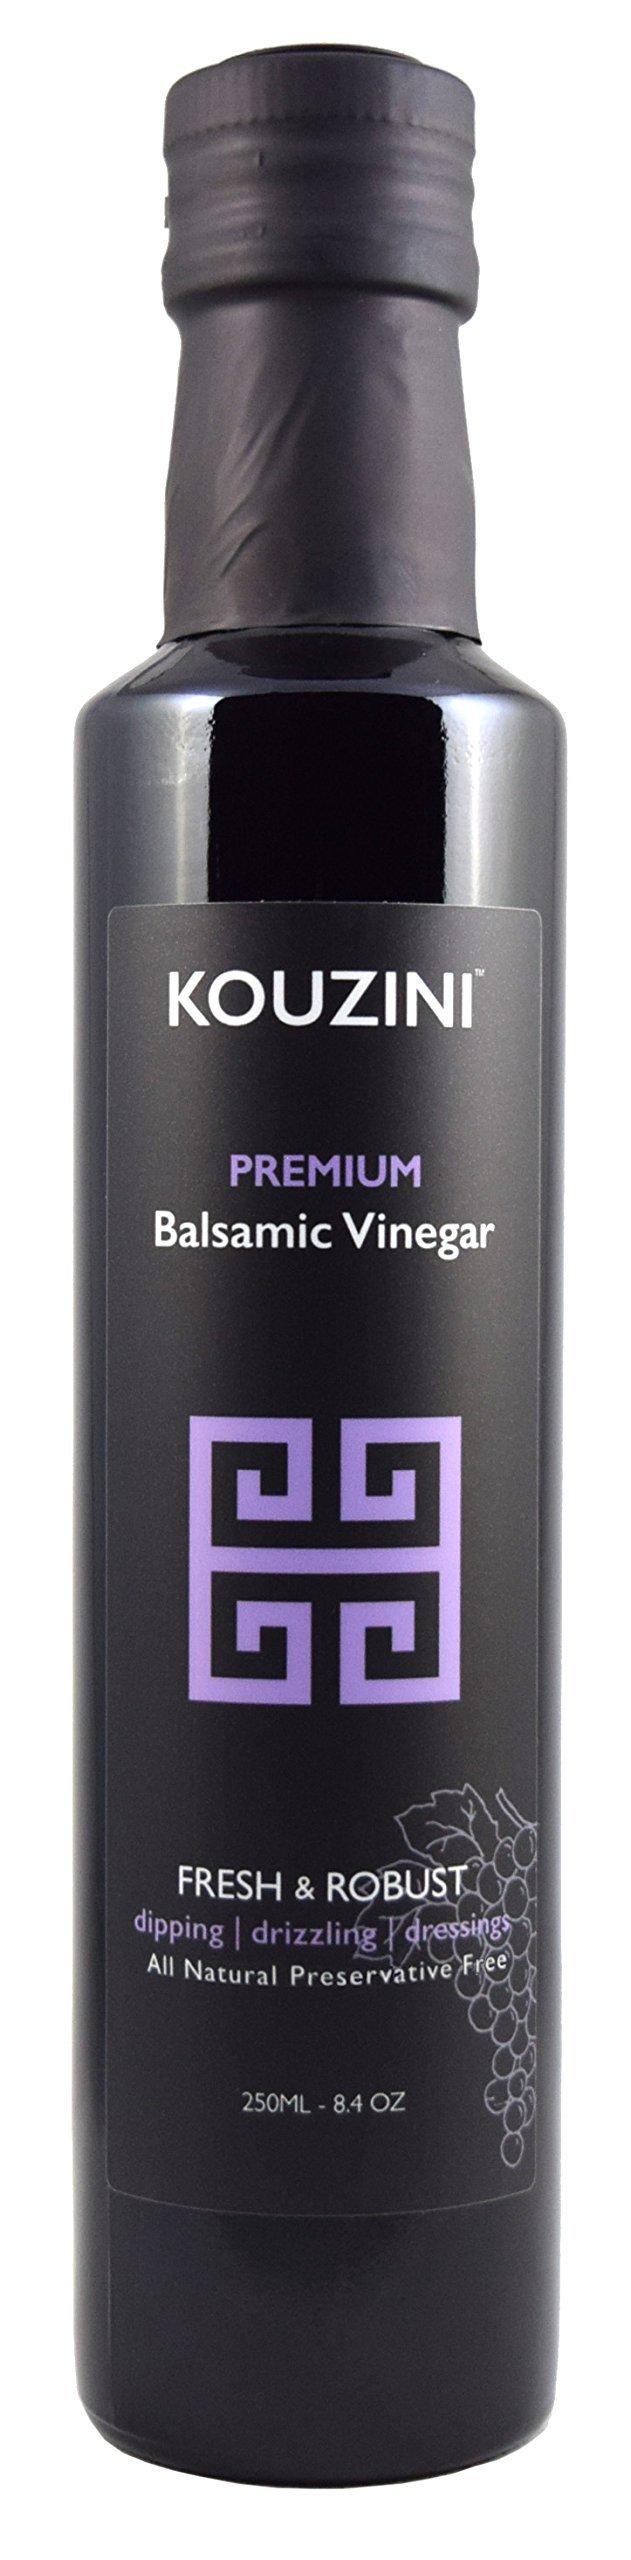 Kouzini Ultra Premium Balsamic Vinegar (250ML Bottle)